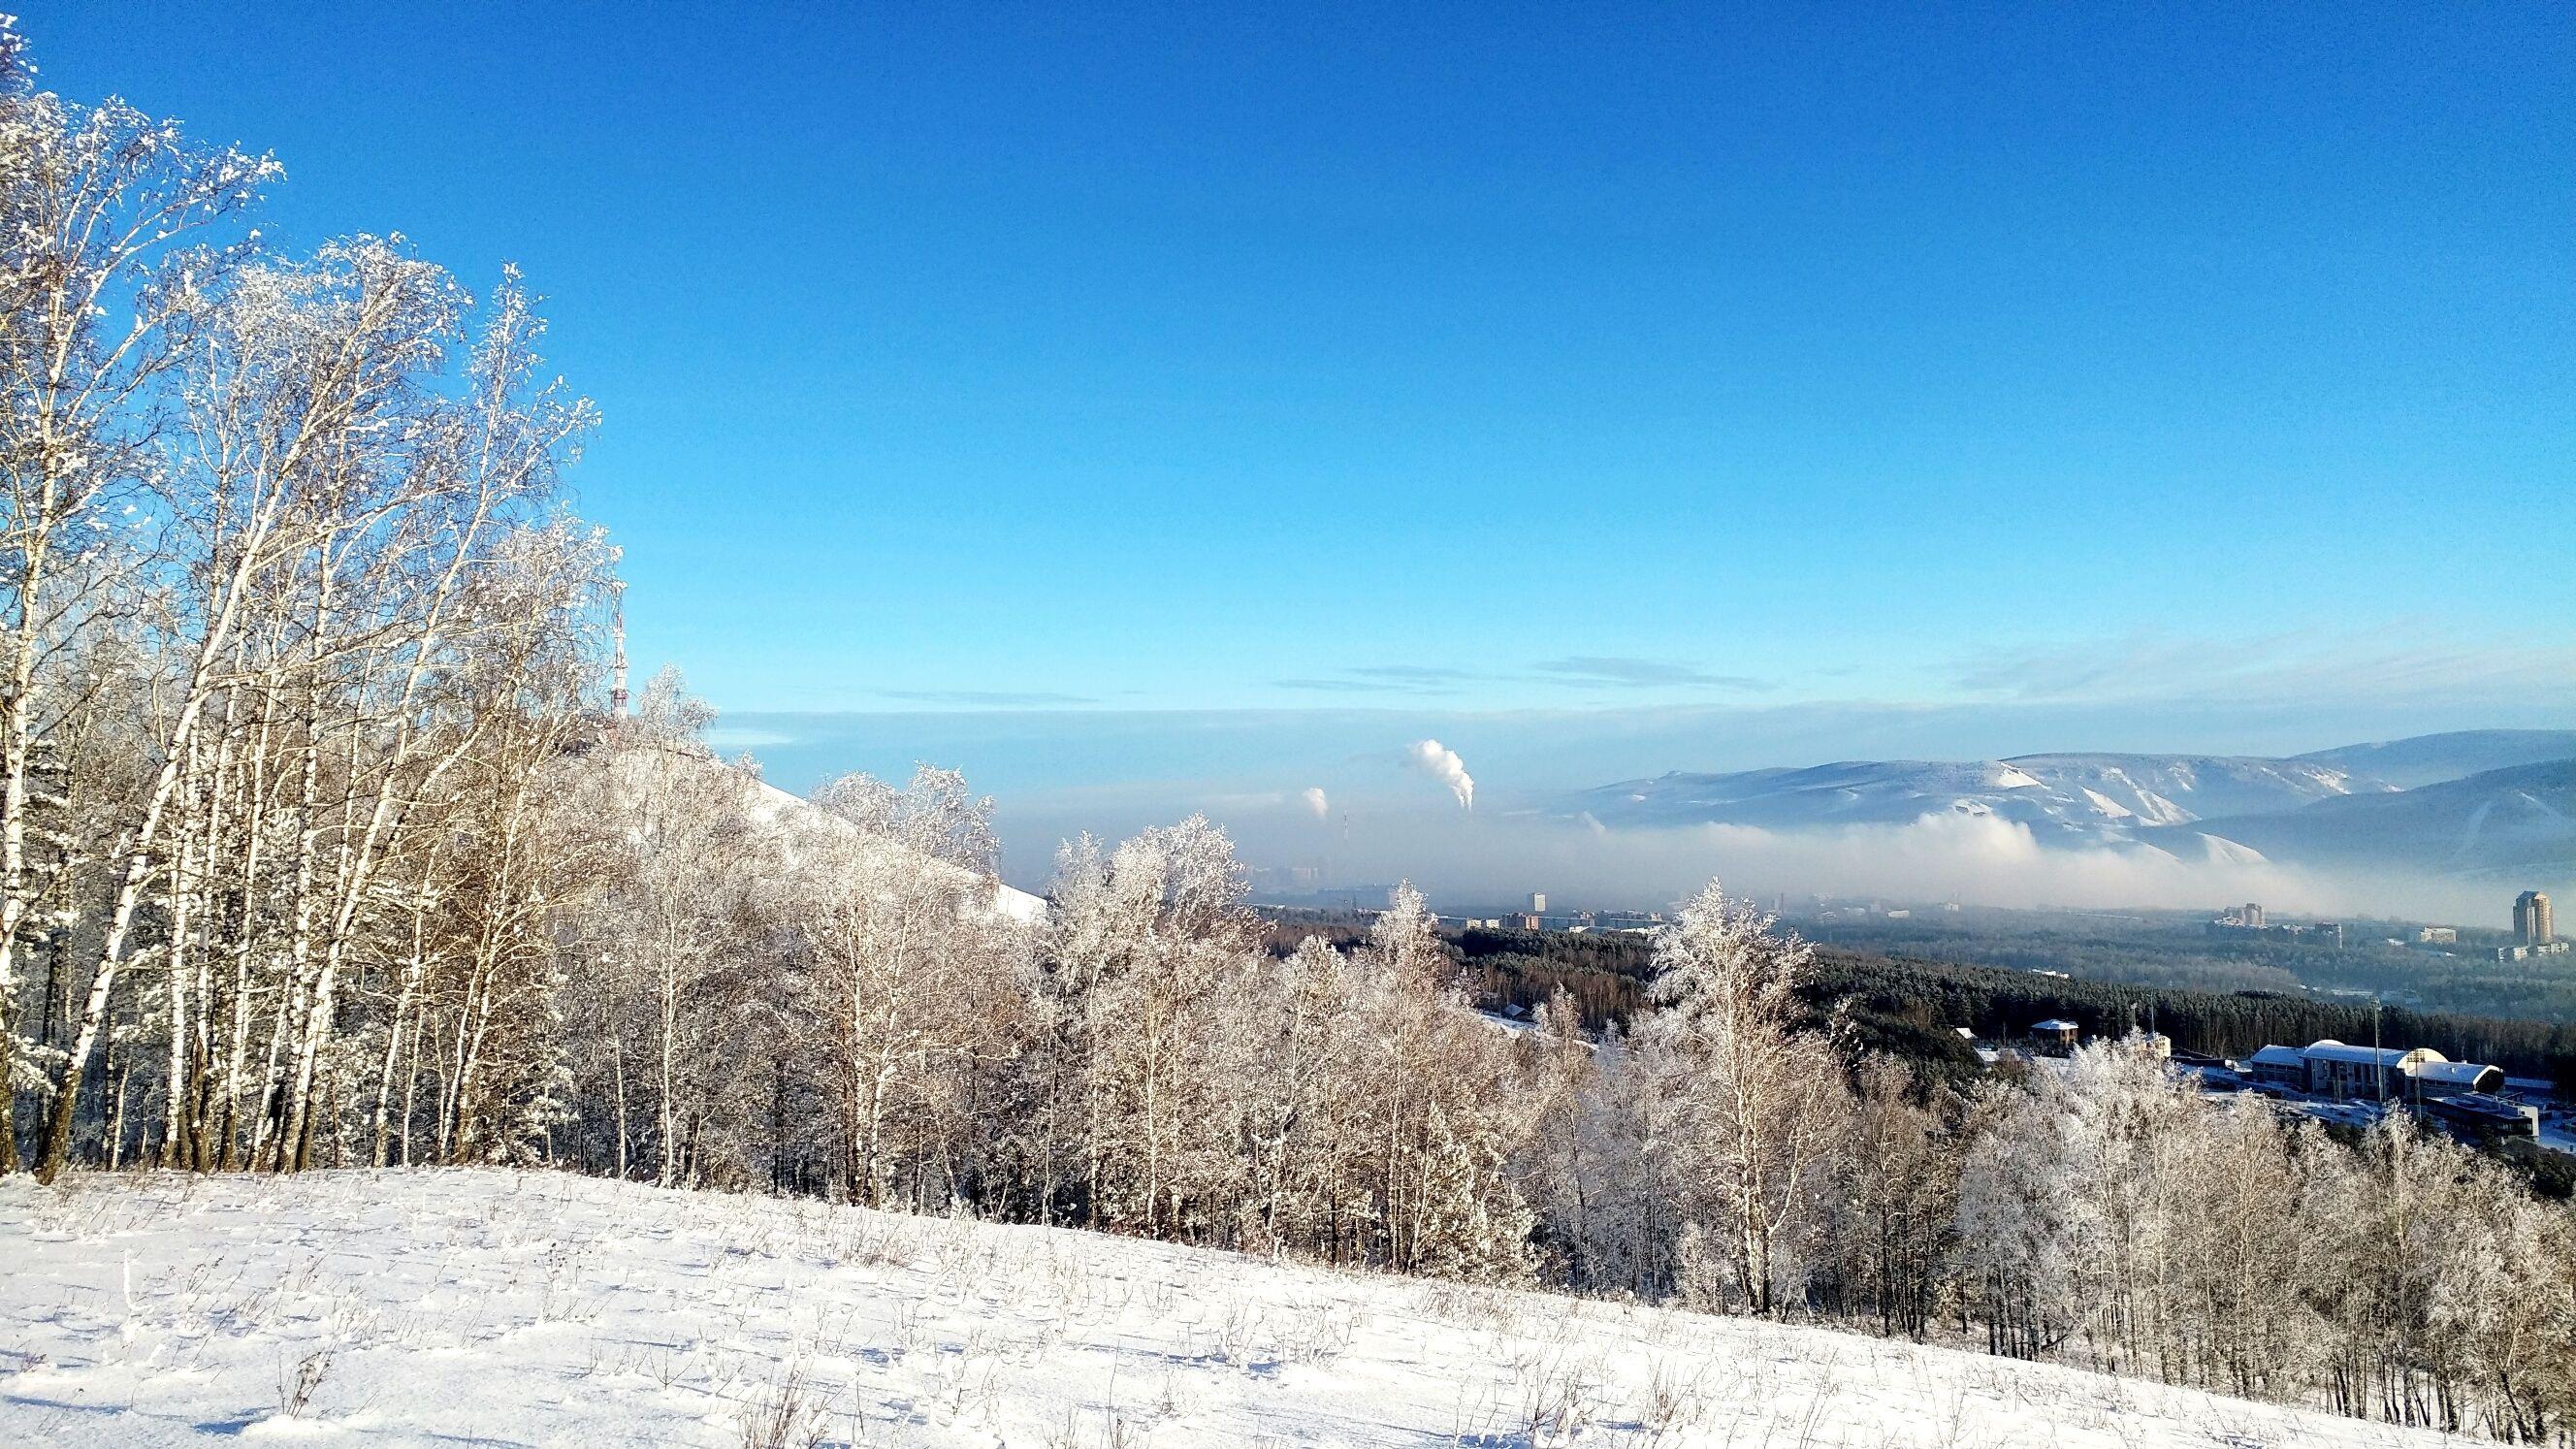 Vista panoramica del paesaggio innevato contro il cielo blu